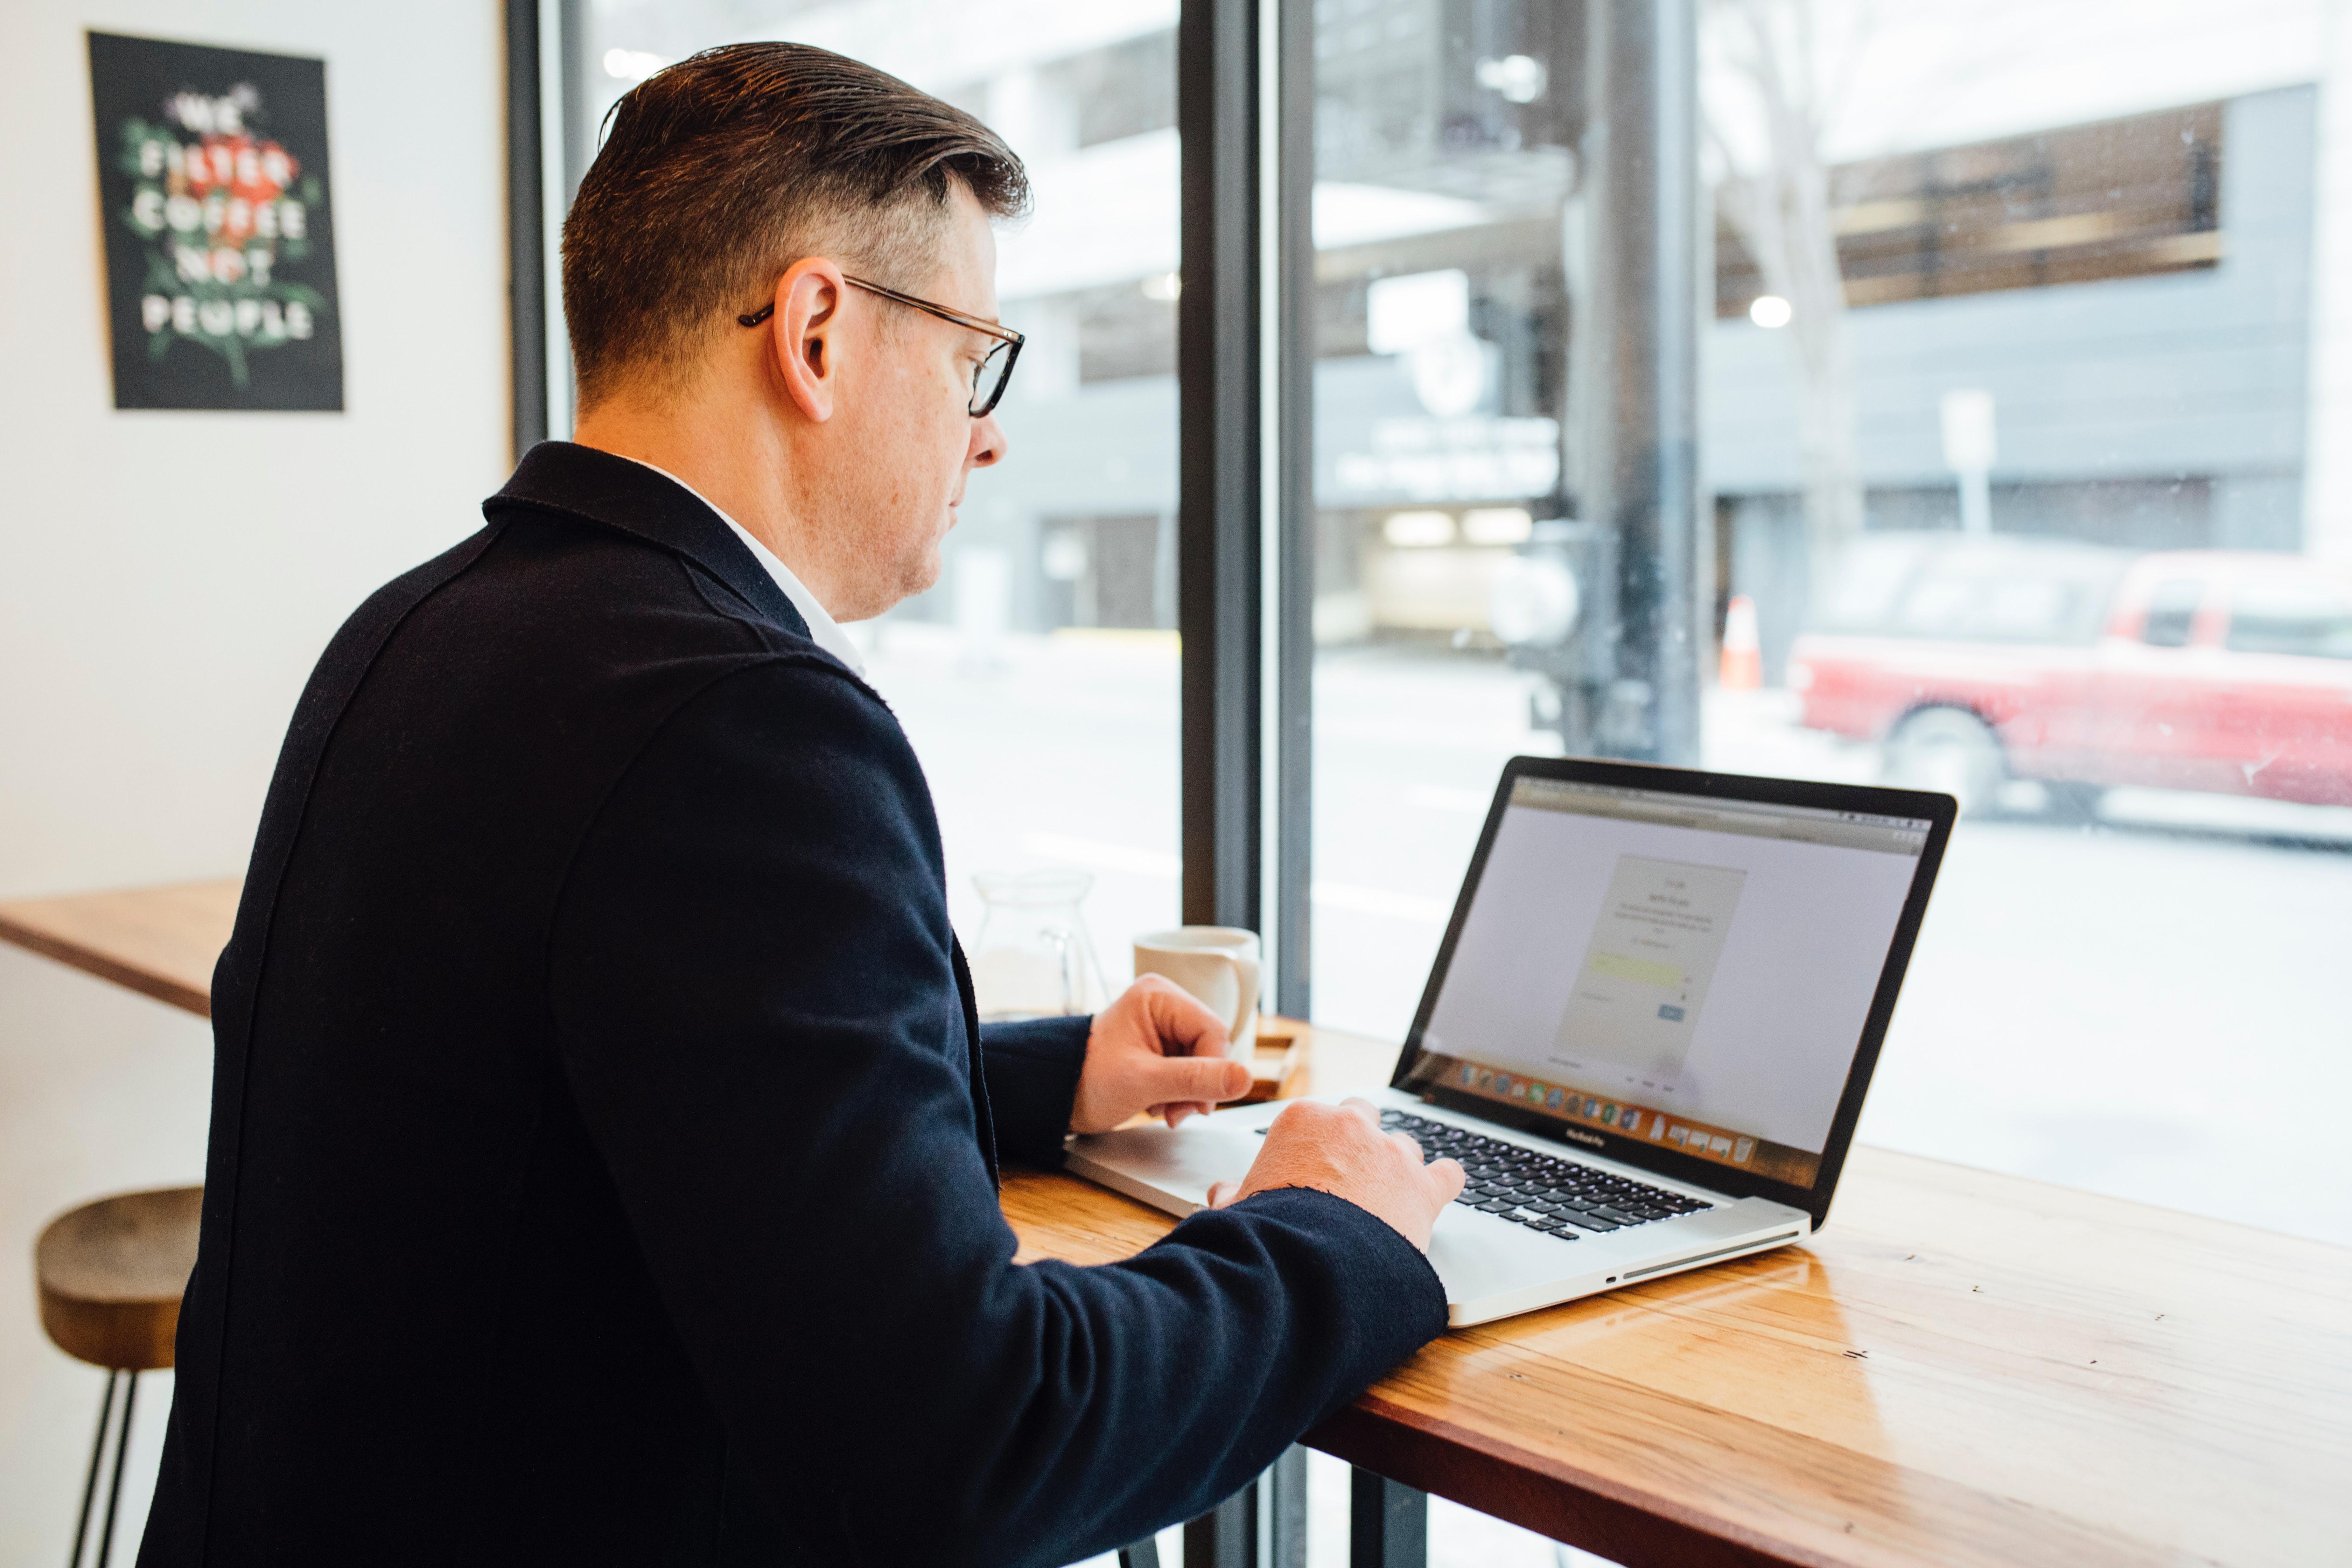 Adjusting laptop webcam for interview